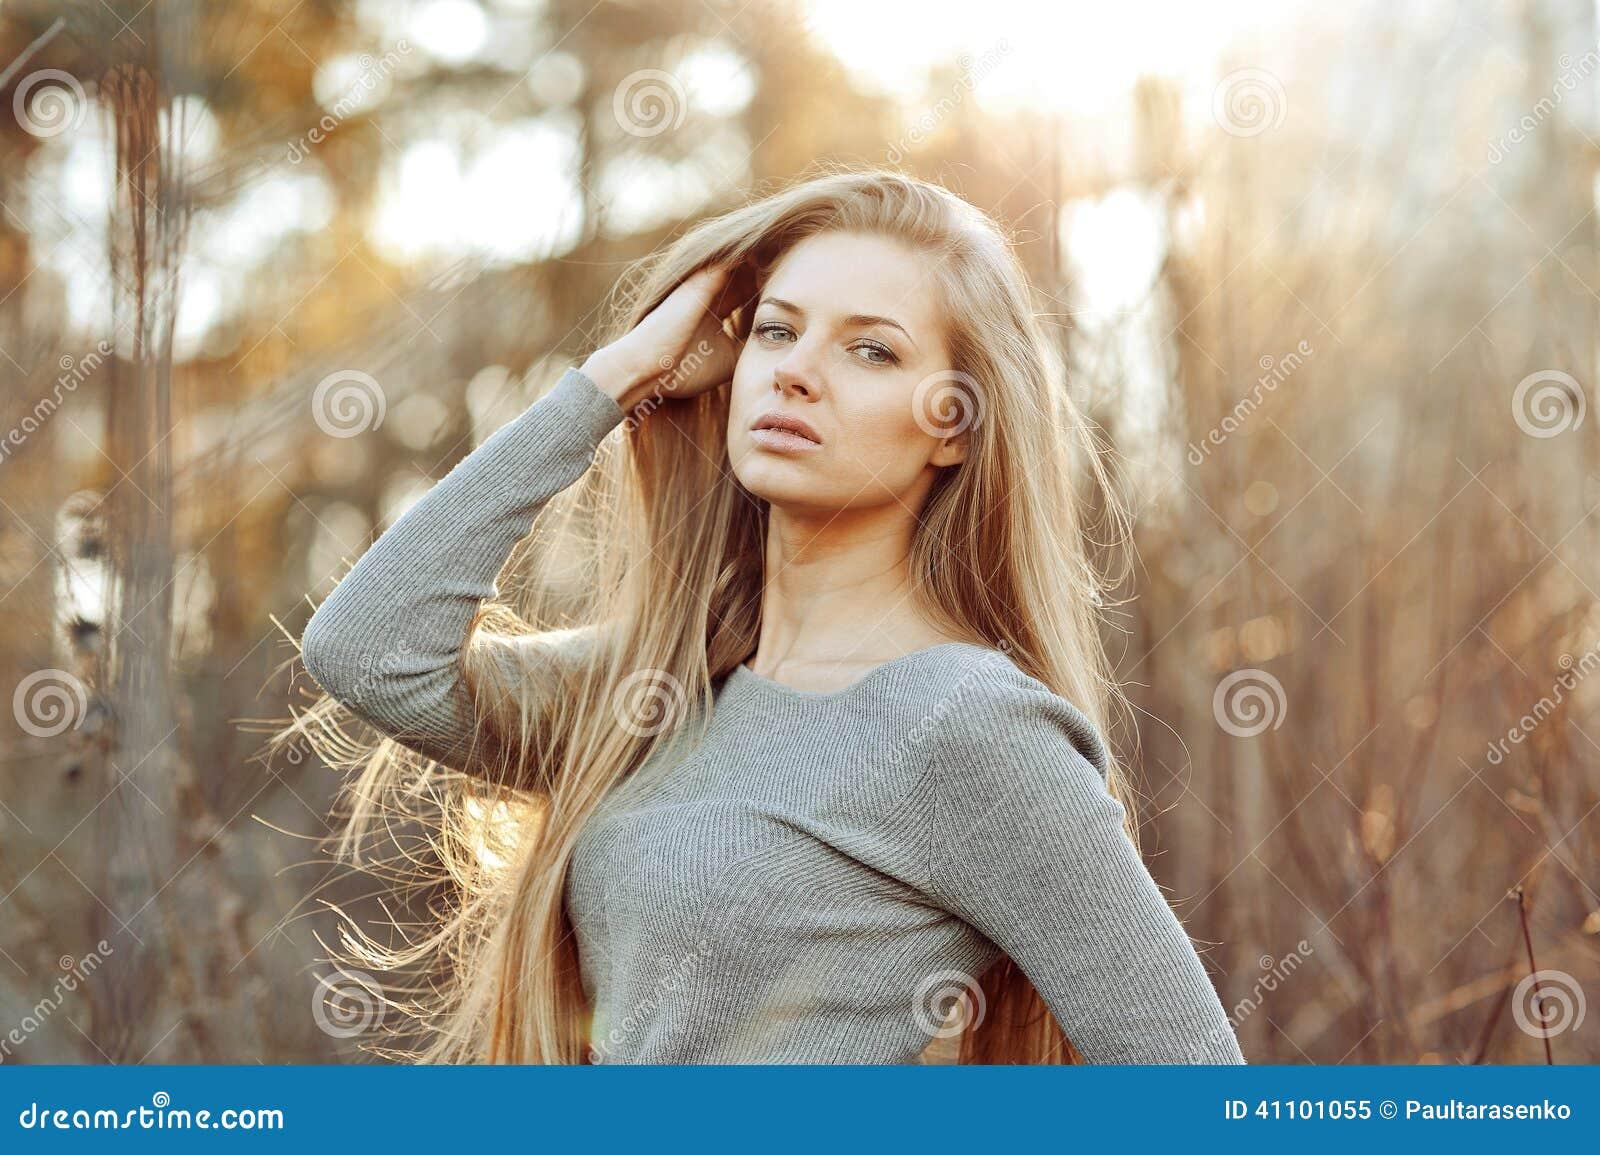 Woman beauty otngagged blonde